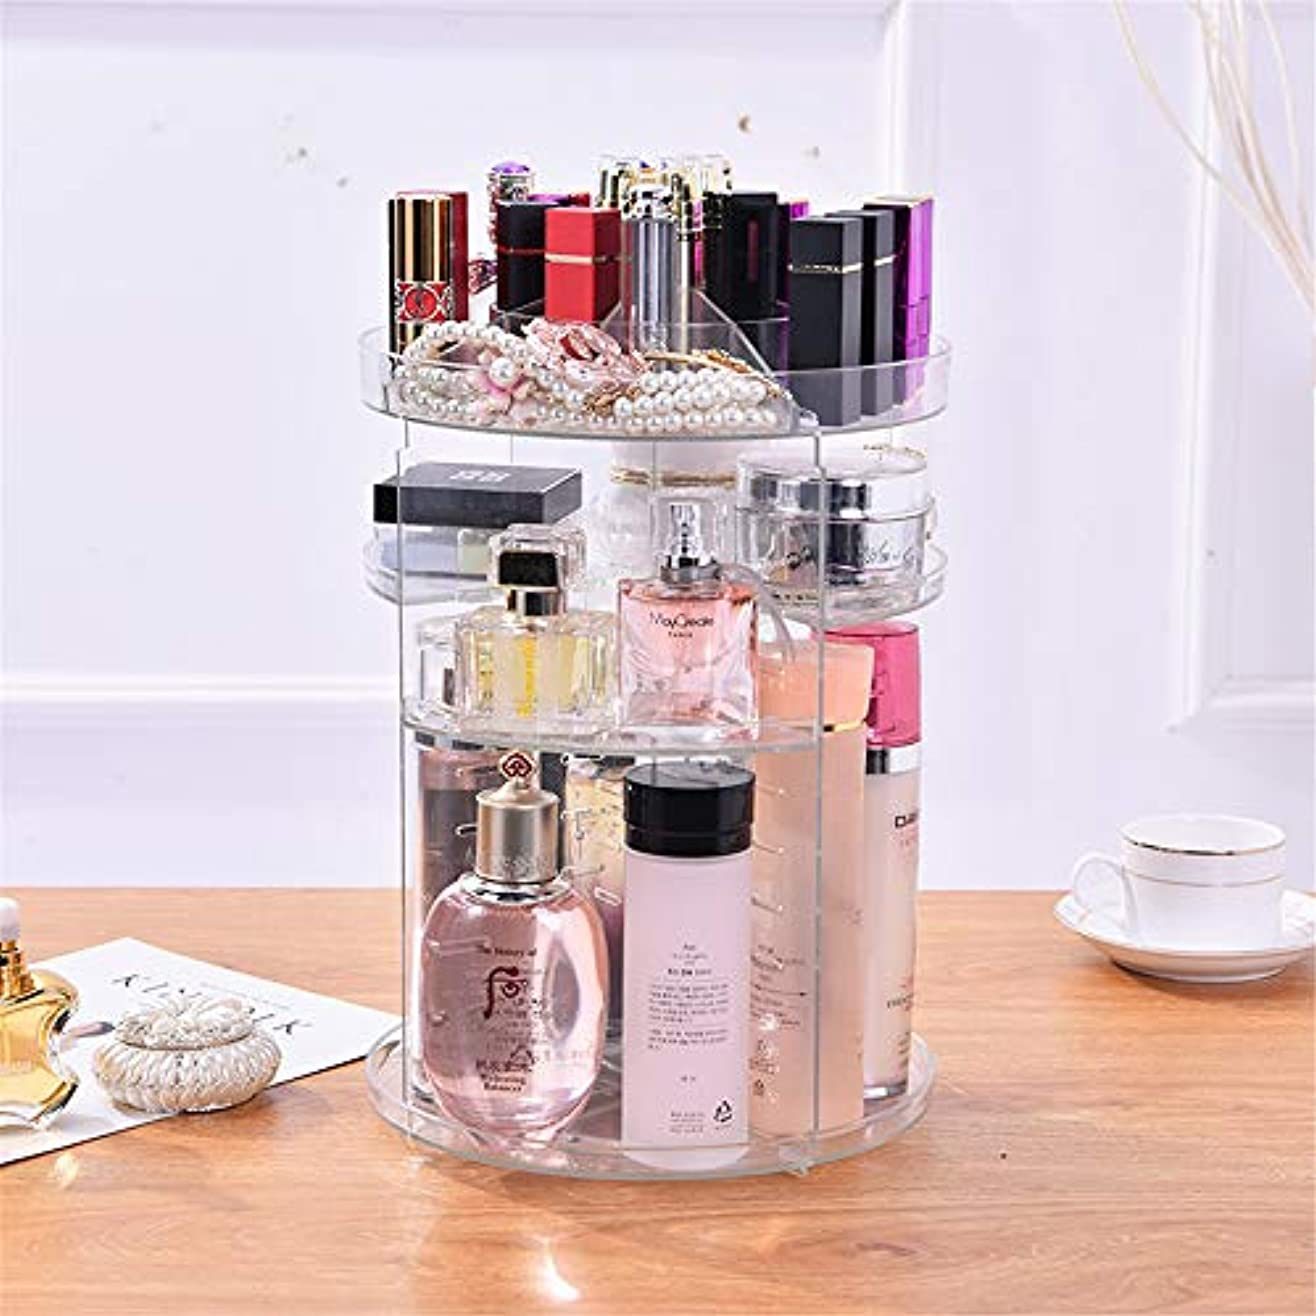 優雅な洞察力のあるwinkong 化粧品収納ボックス 大容量 360度回転 透明 調節可能 メイク収納ケース 化粧品収納ラック 女の子のギフト